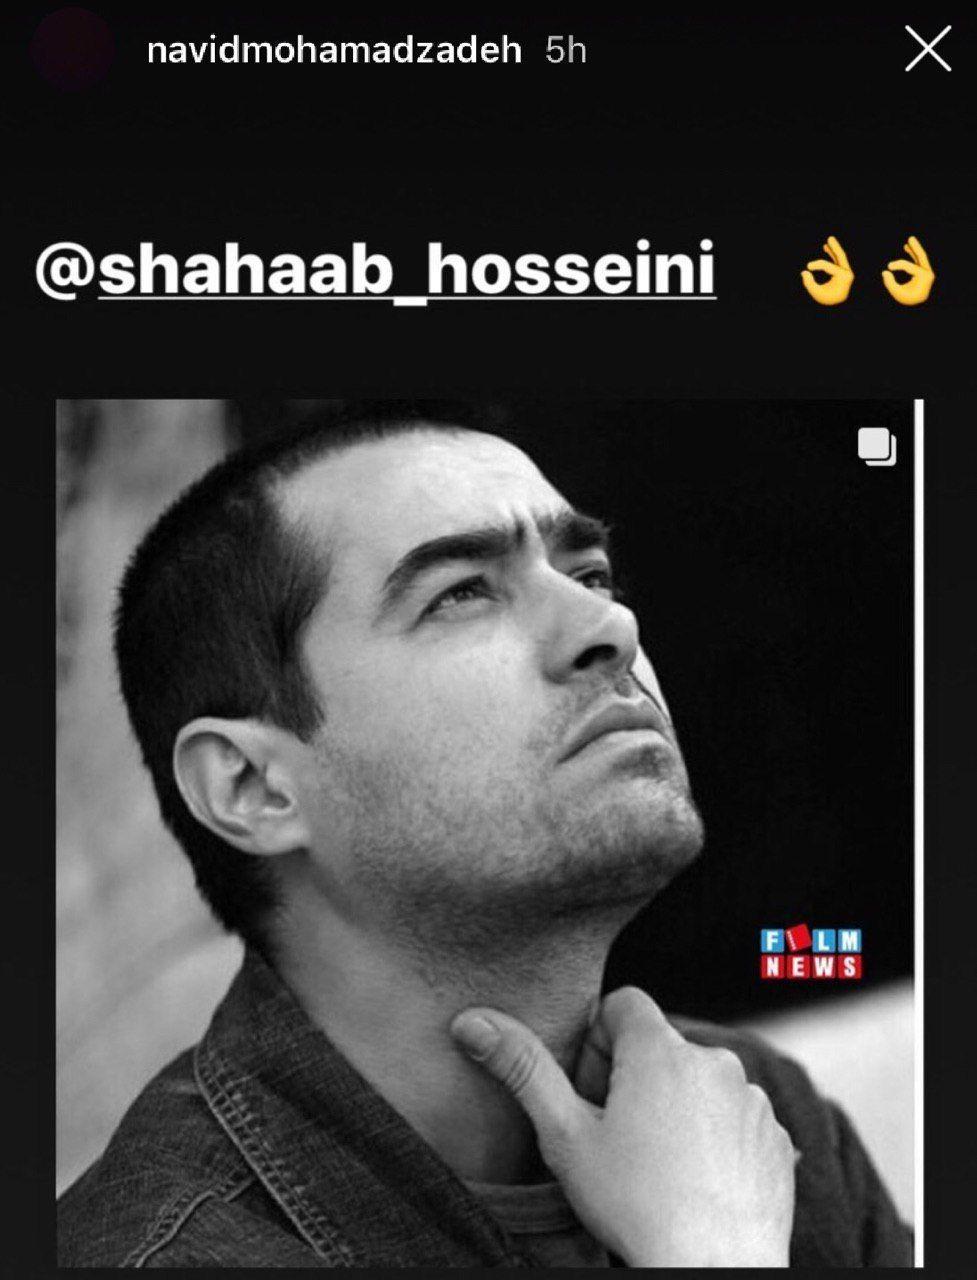 عکس/ نوید محمدزاده هم پشتِ شهاب حسینی درآمد